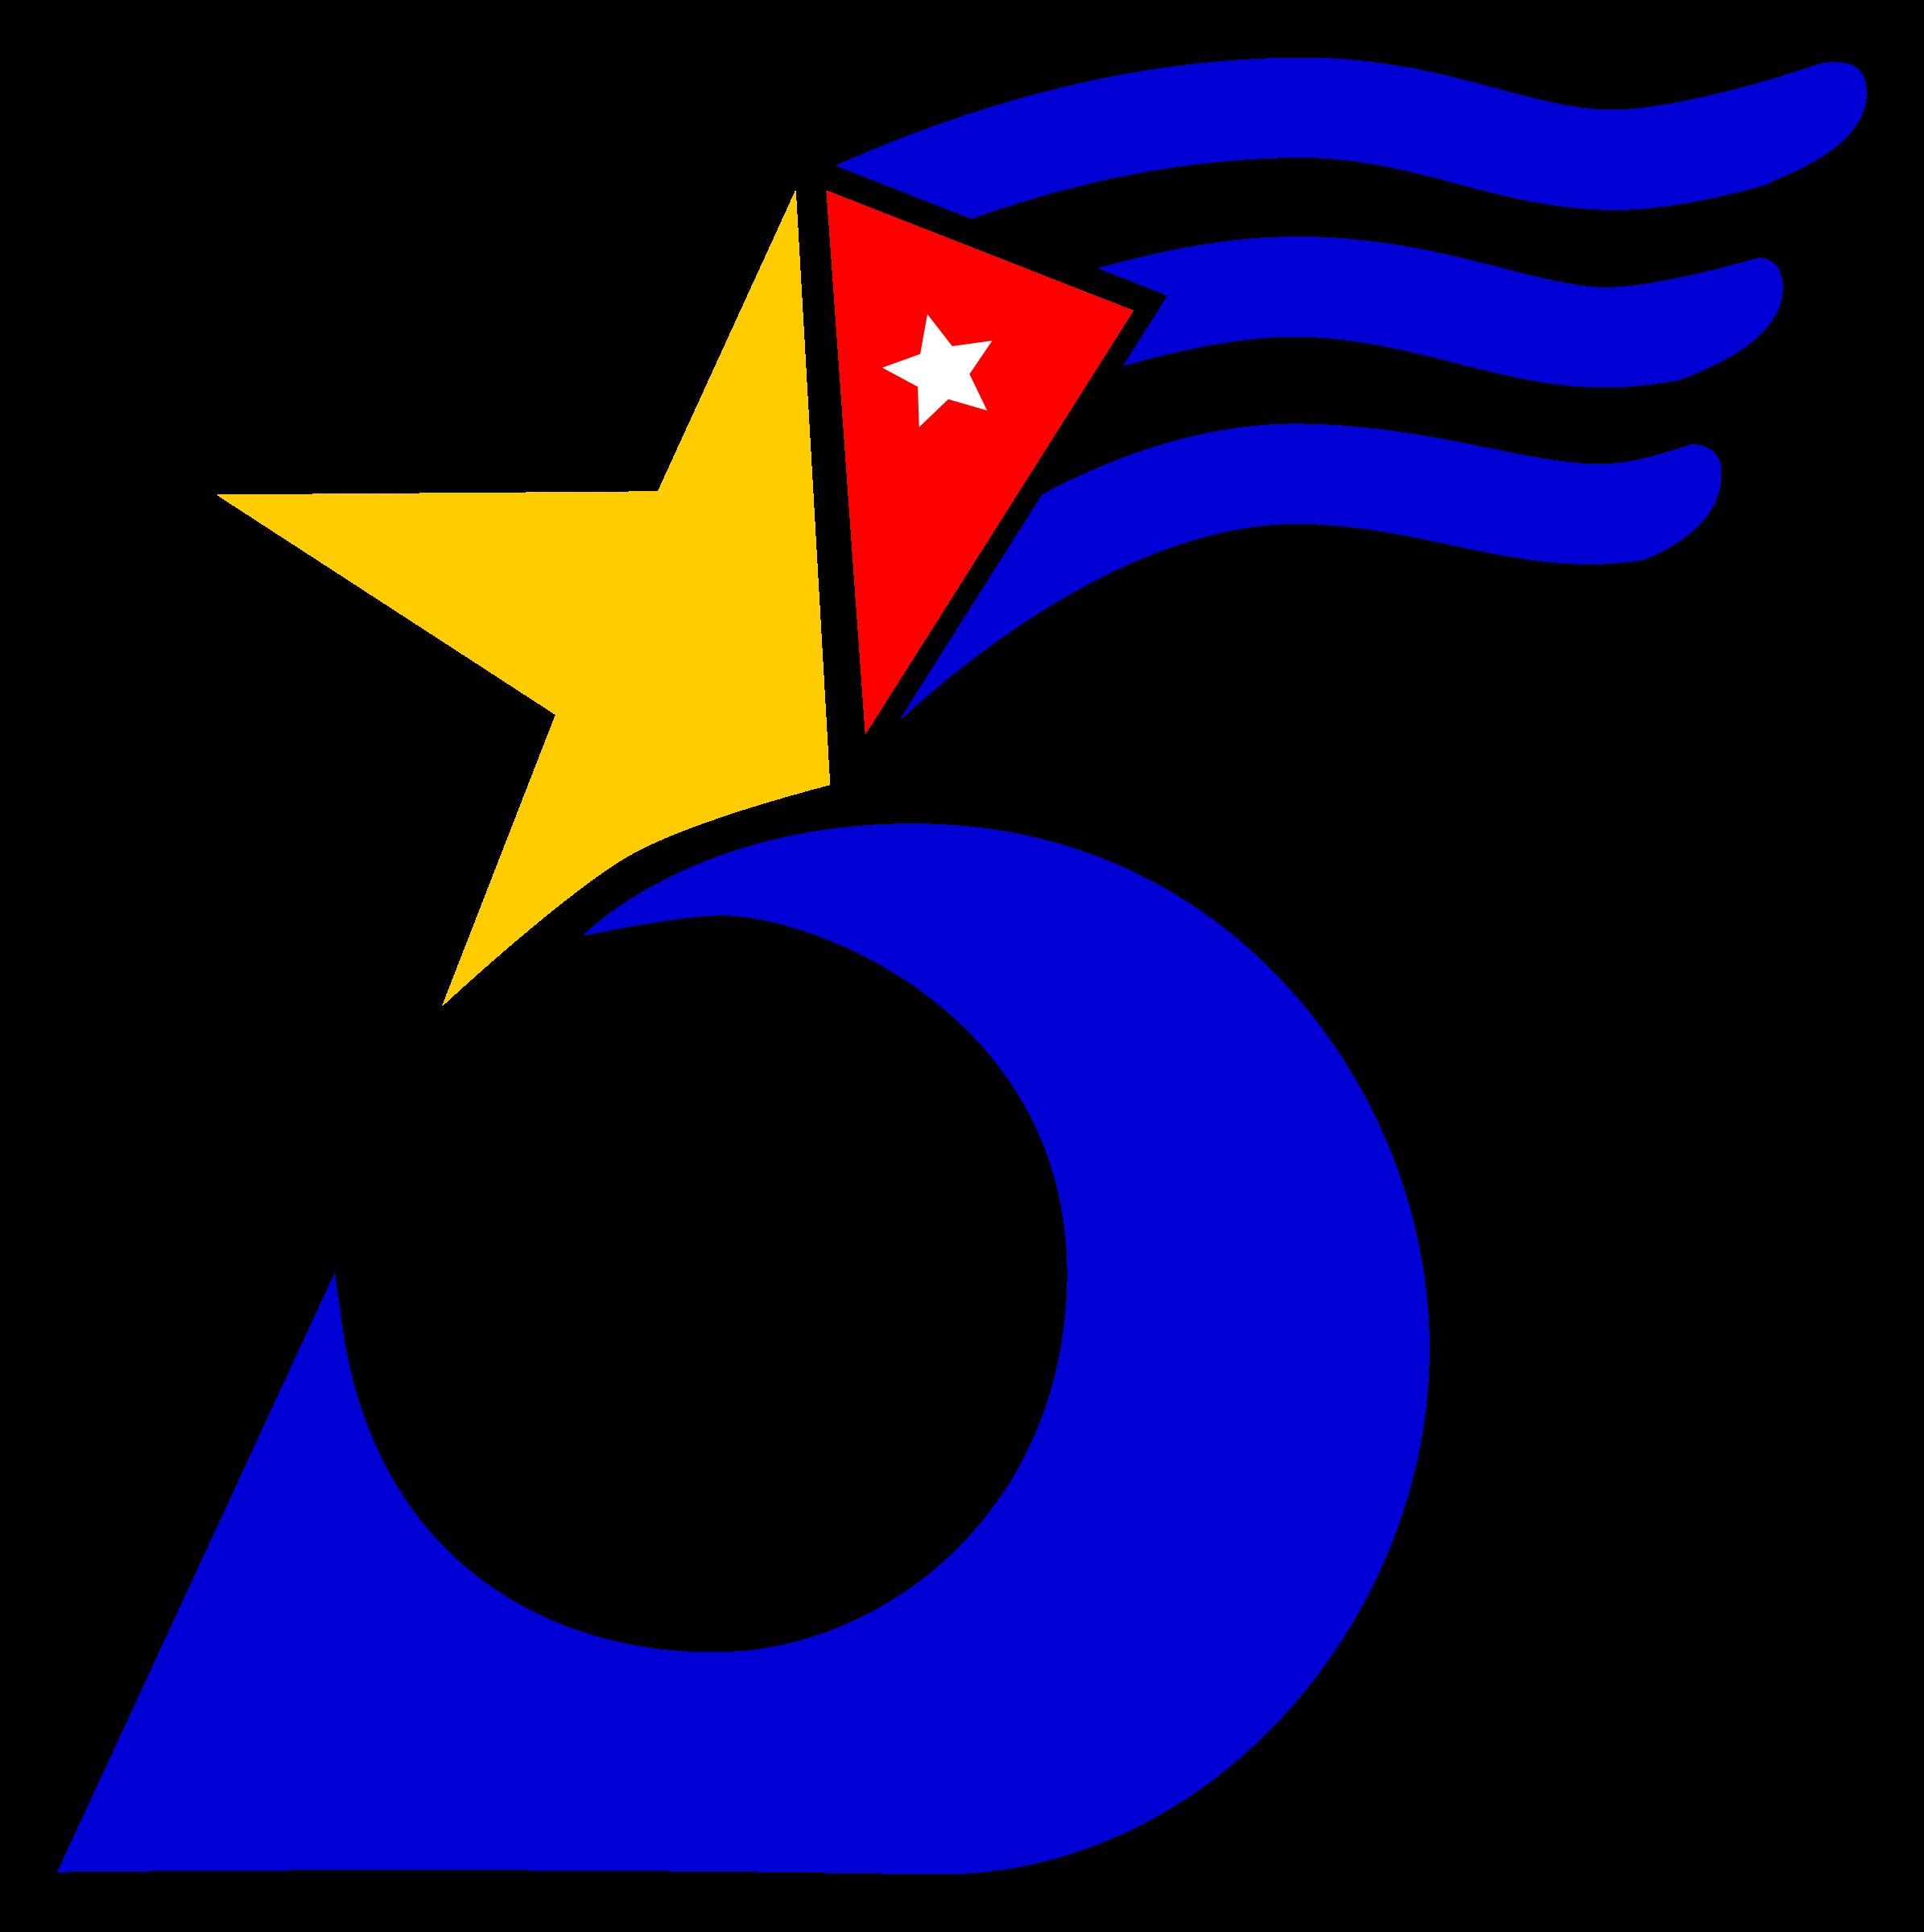 Cuban Missile Crisis Clipart